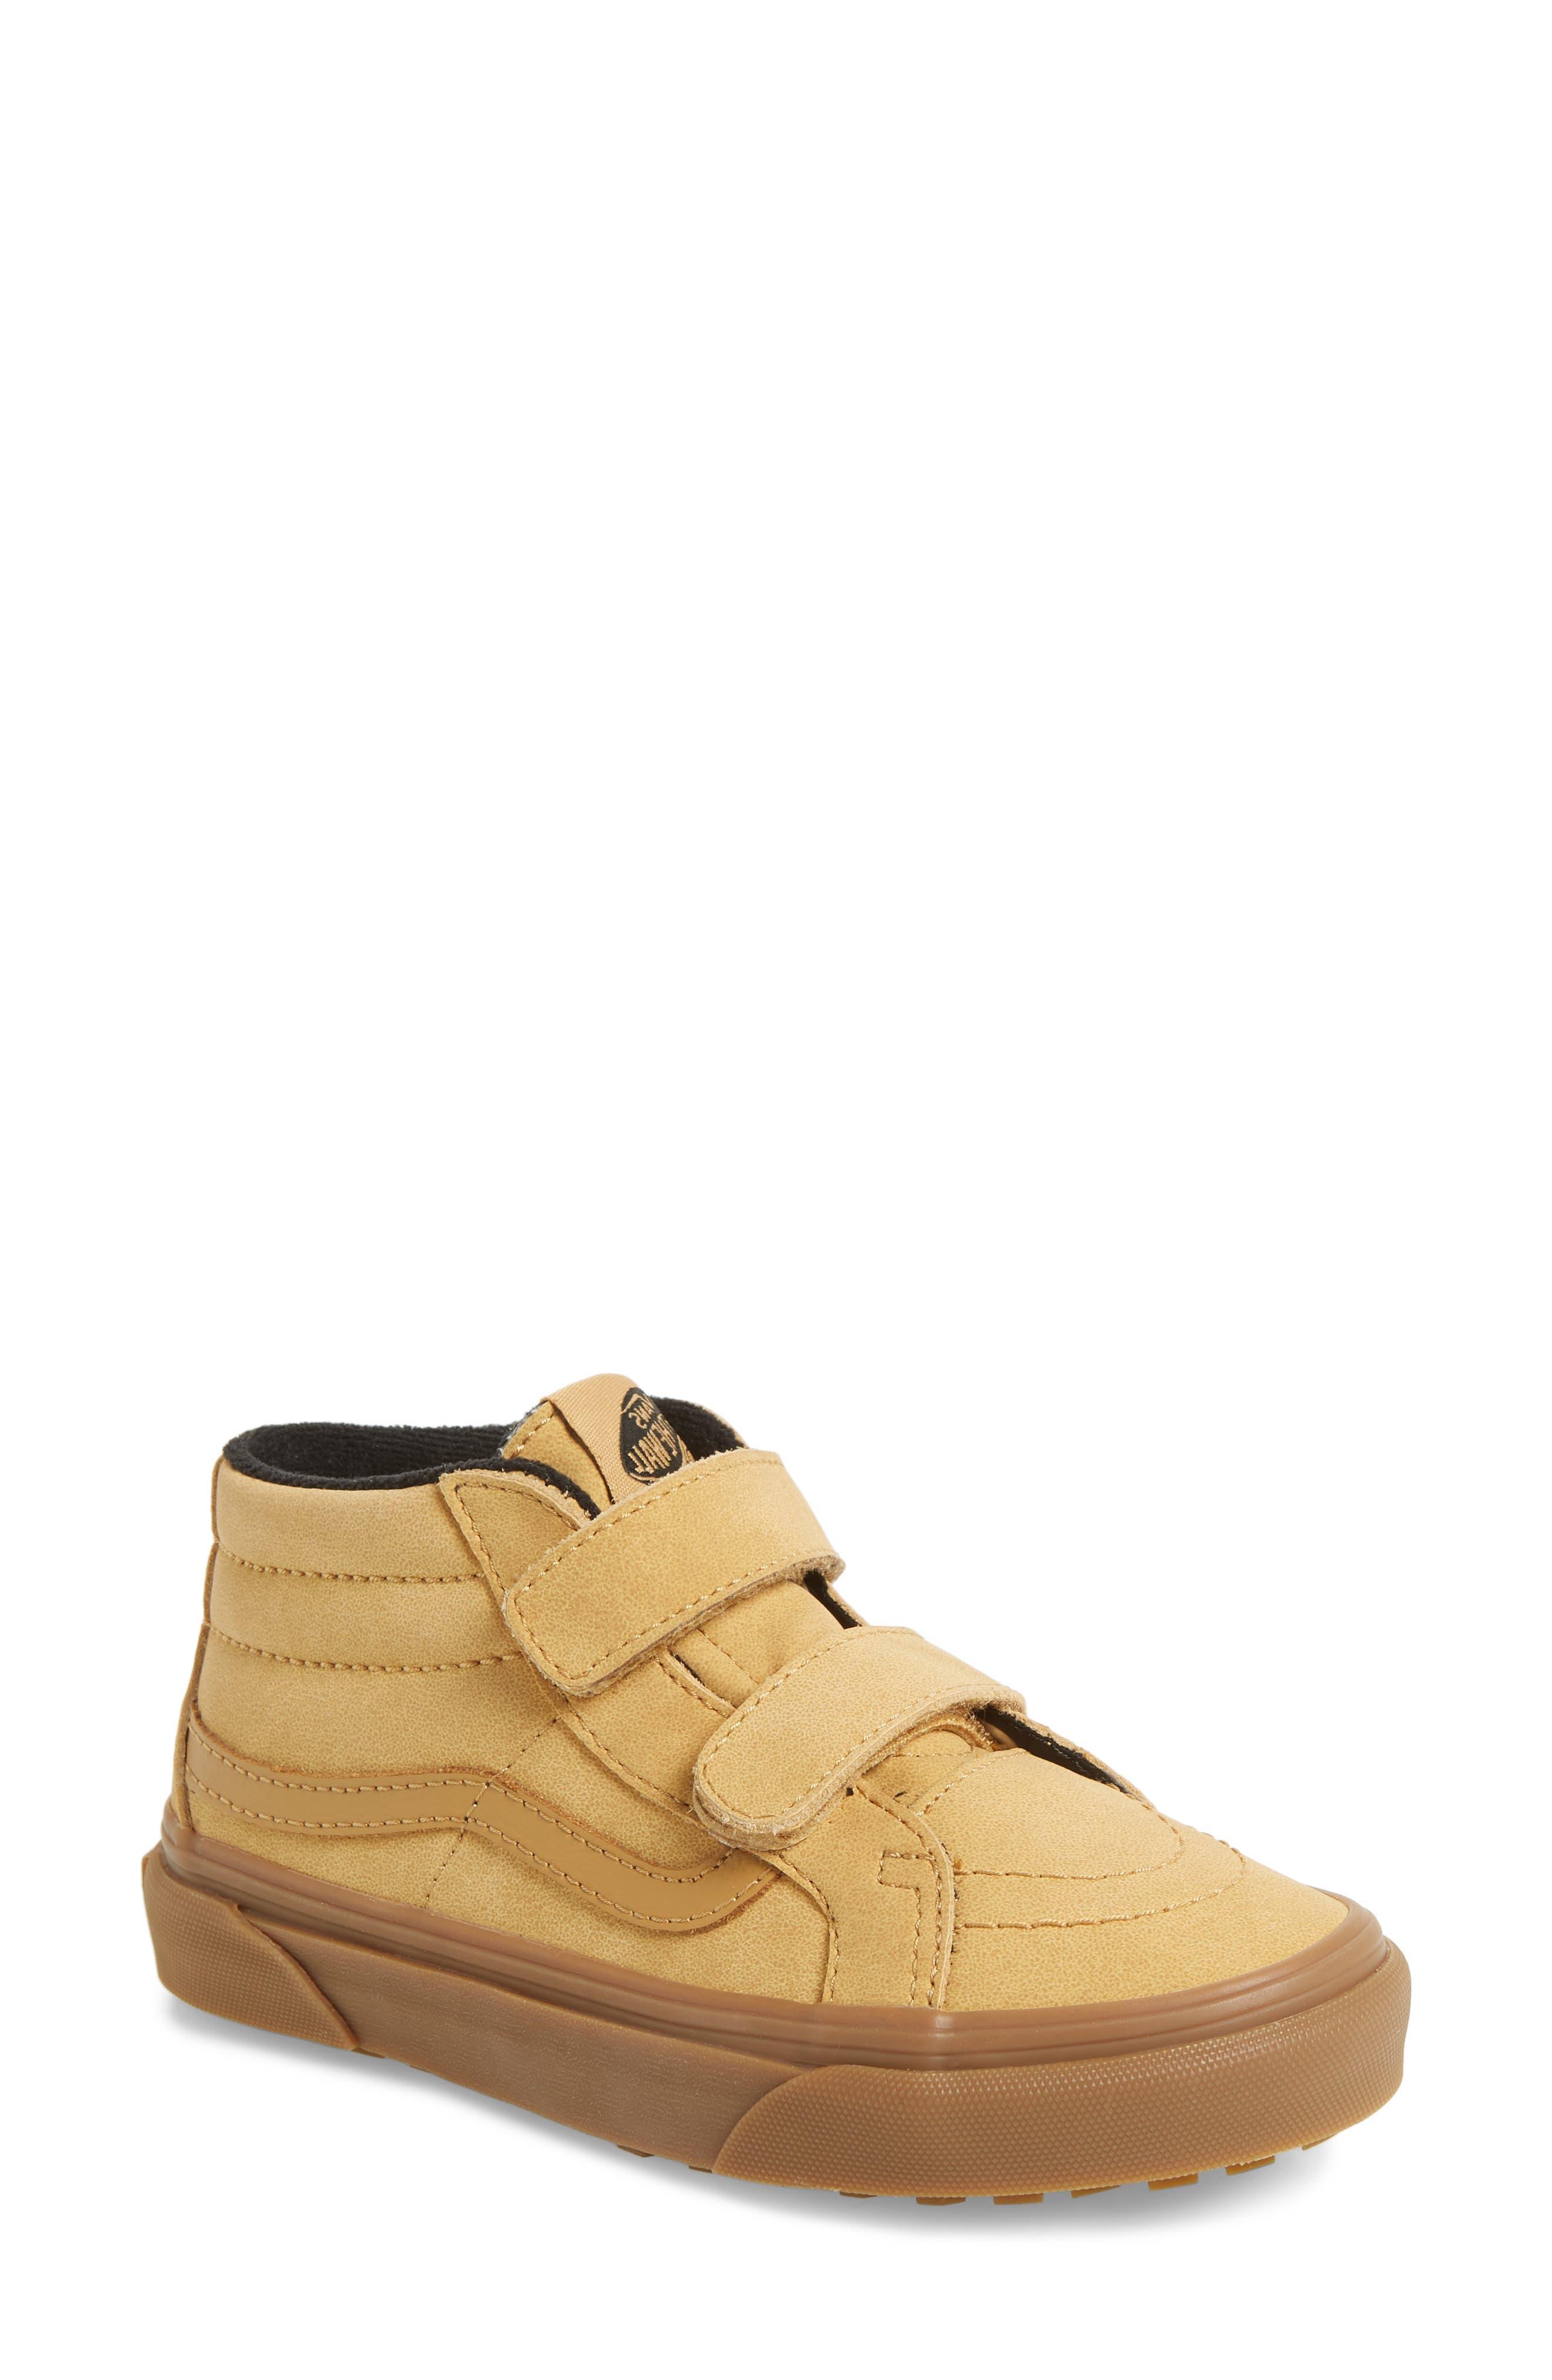 Sk8-Mid Reissue V Sneaker,                             Main thumbnail 1, color,                             VANSBUCK/ APPLE CINNAMON